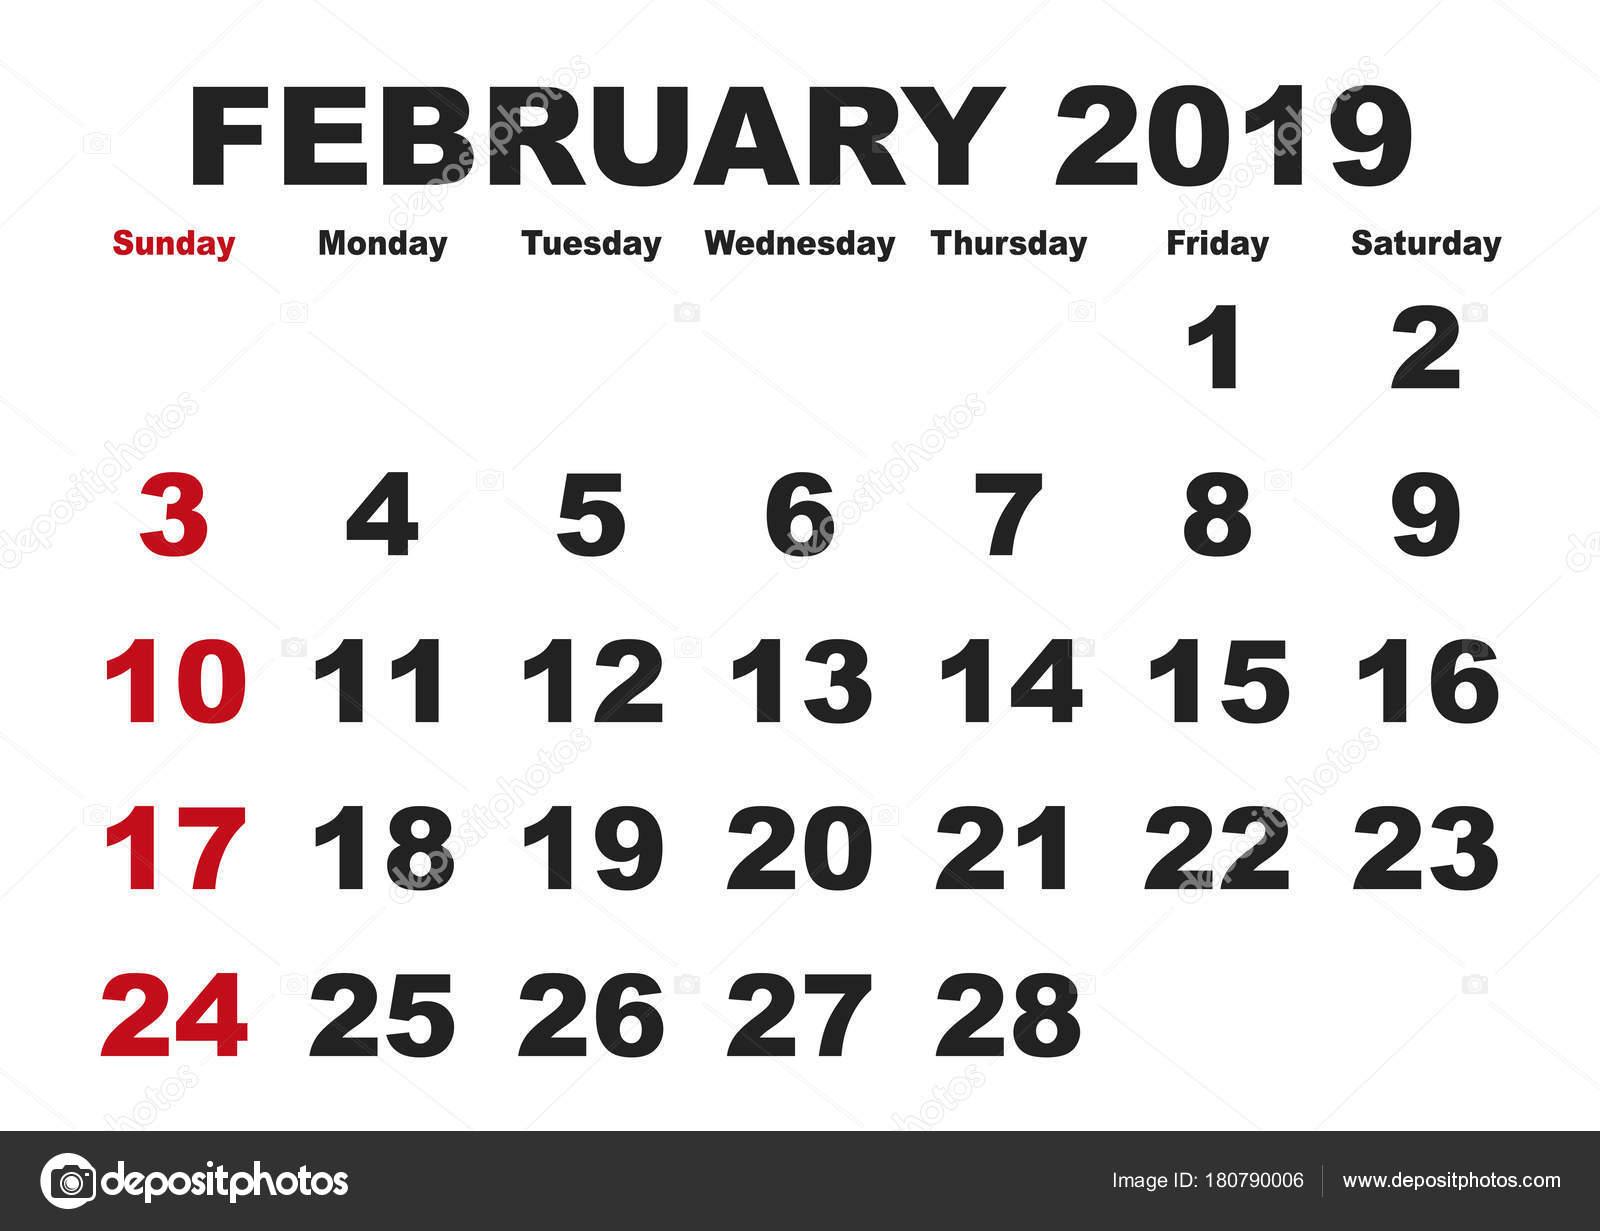 Calendario Febrero 2019 Usa February 2019 Imágenes: febrero | Mes de febrero del calendario 2019 inglés Usa